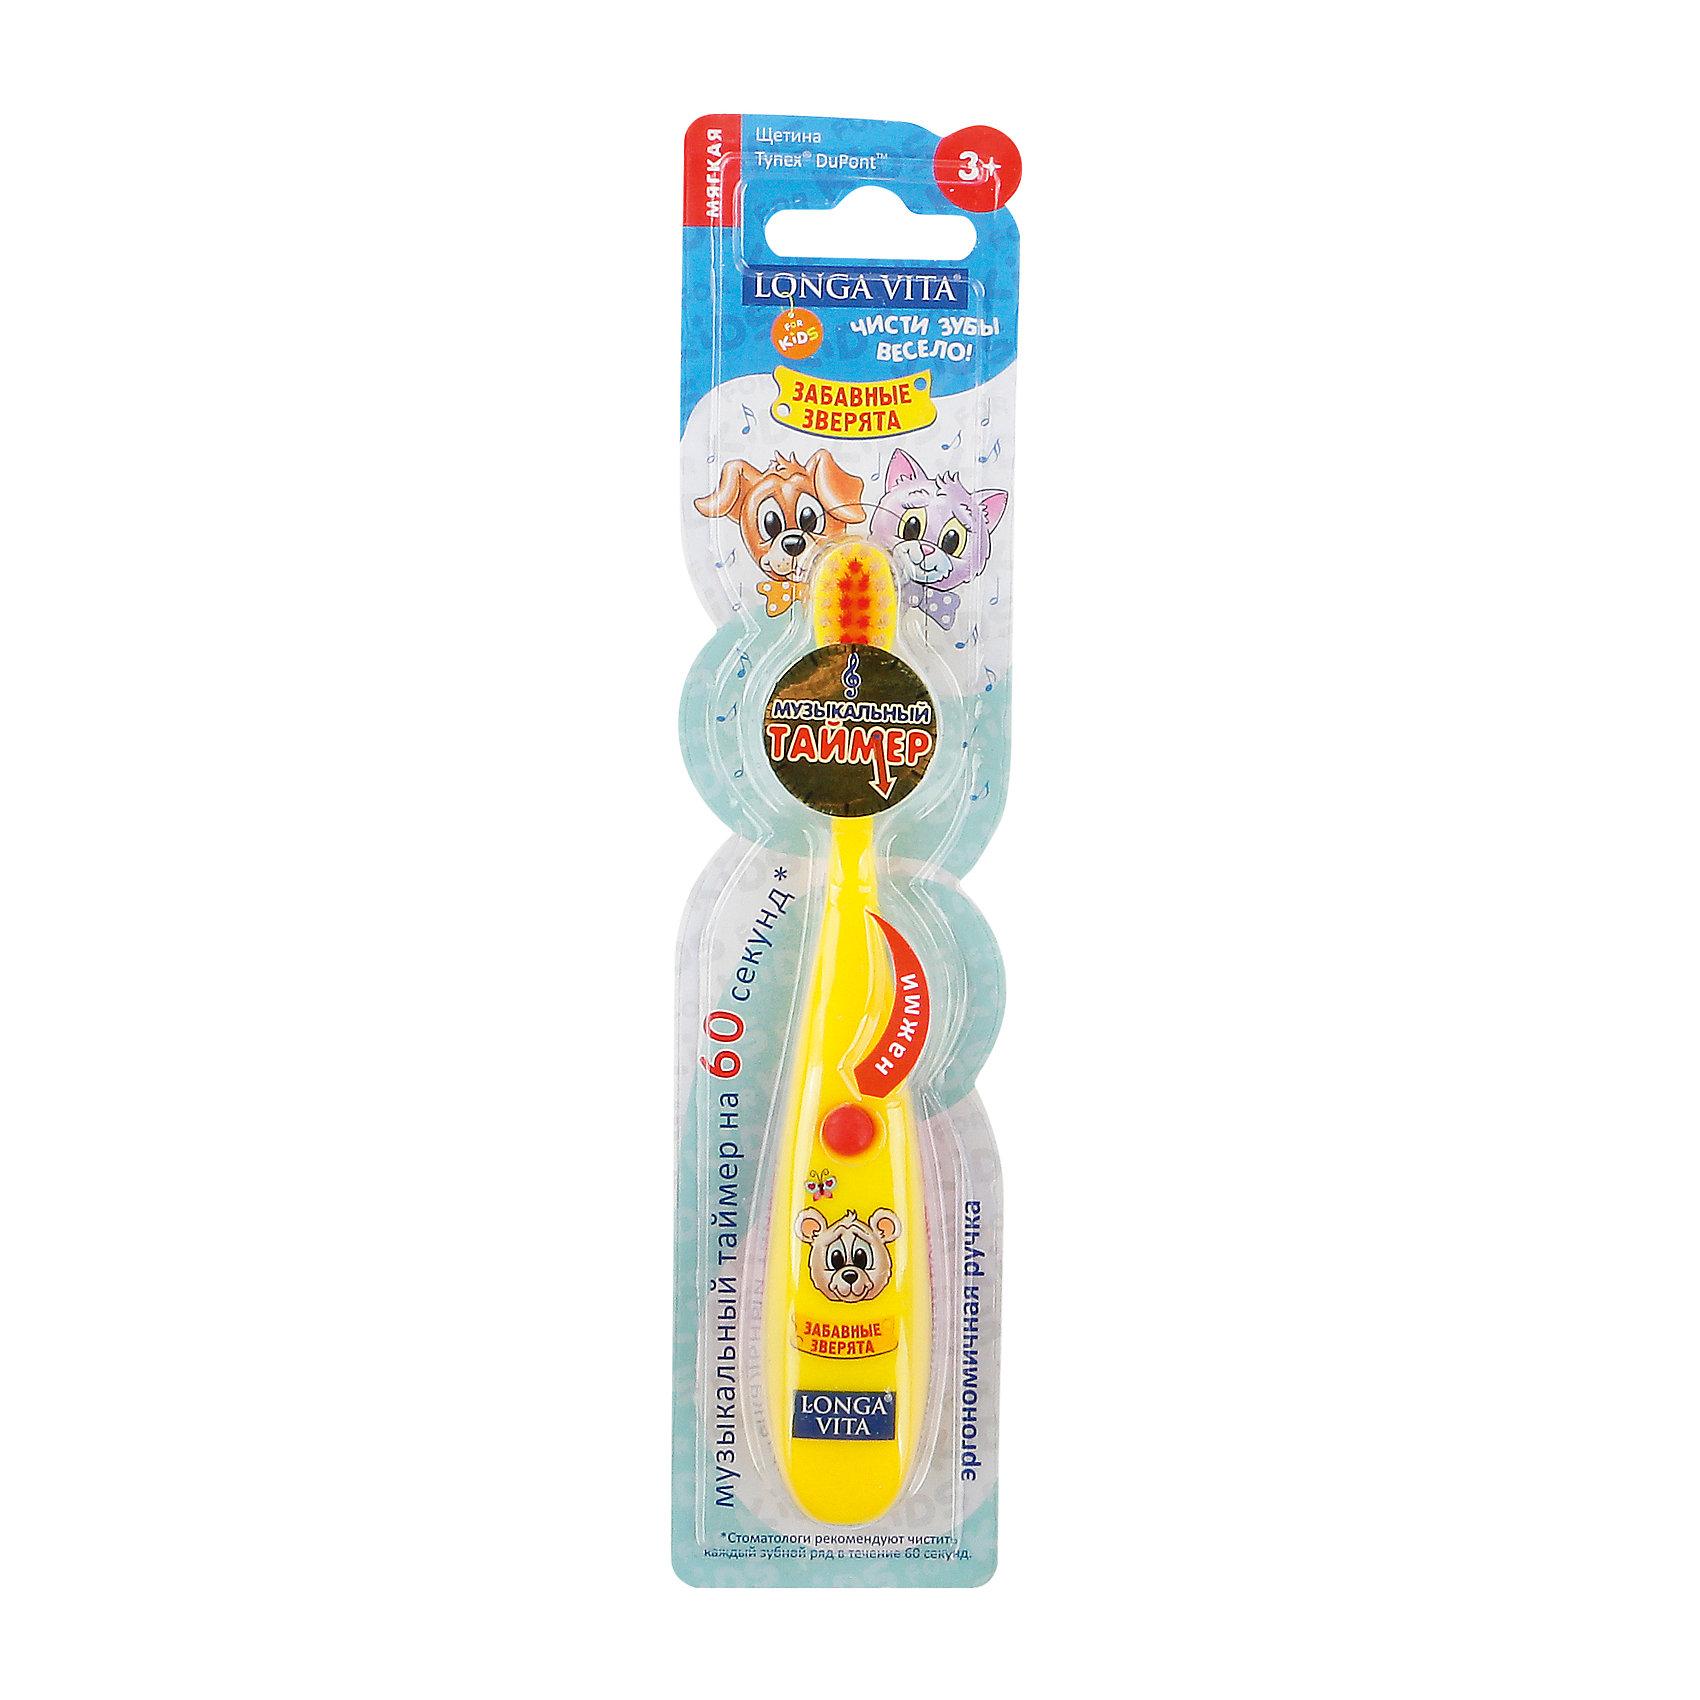 Музыкальная зубная щётка Забавные зверята, 3-6 лет, LONGA VITA, желтыйХарактеристика: <br><br>- возраст: от 3 до 6 лет.<br>- цвет: желтый.<br>- музыкальный таймер,<br>- противоскользящая поверхность ручки, <br>- силовой выступ для большого пальца, <br>- цветовое поле щетины для оптимального дозирования пасты.<br><br>Такая милая и яркая зубная щетка создана специально для детей от 3 лет. Она поможет привить детям навык чистки зубов, а небольшая чистящая головка и удобная ручка способствуют бережному и безопасному уходу за зубами и дёснами.<br><br>Музыкальную зубную щетку Забавные зверята от LONGA VITA, можно купить в нашем магазине.<br><br>Ширина мм: 160<br>Глубина мм: 20<br>Высота мм: 25<br>Вес г: 40<br>Возраст от месяцев: 36<br>Возраст до месяцев: 72<br>Пол: Унисекс<br>Возраст: Детский<br>SKU: 5244681